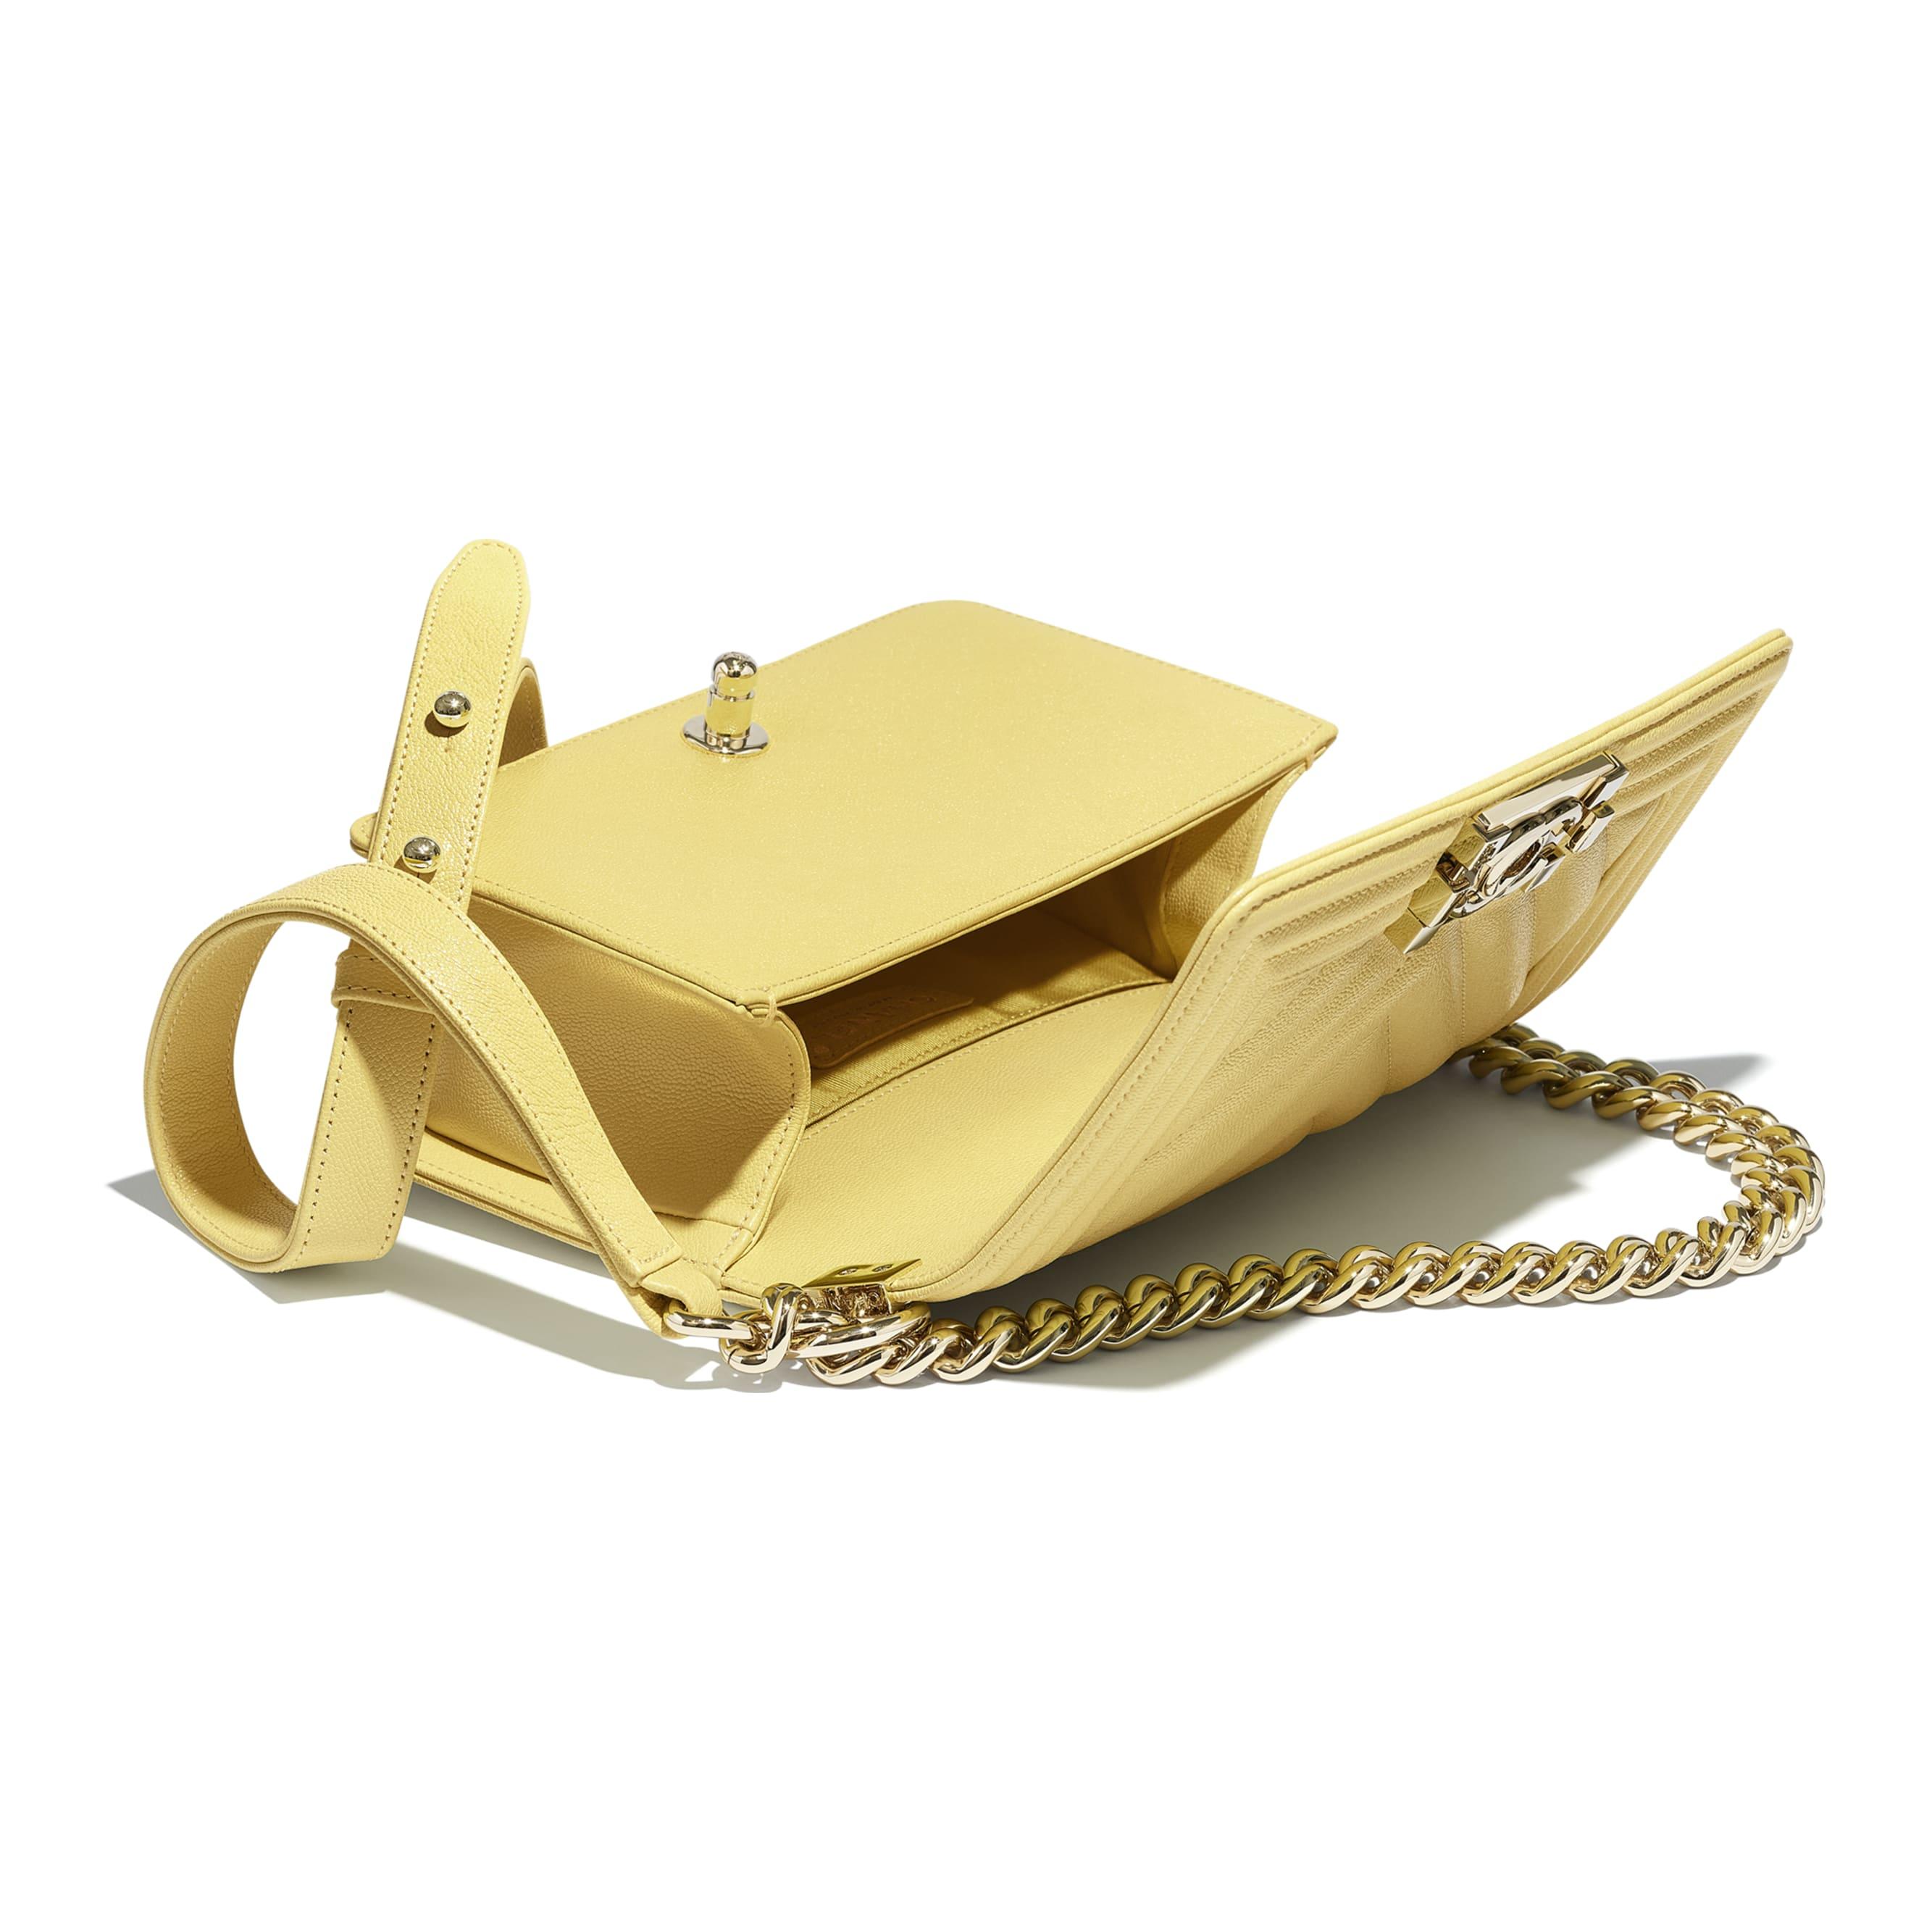 Bolsa BOY CHANEL Pequena - Yellow - Grained Calfskin & Gold-Tone Metal - CHANEL - Outra vista - ver a versão em tamanho standard